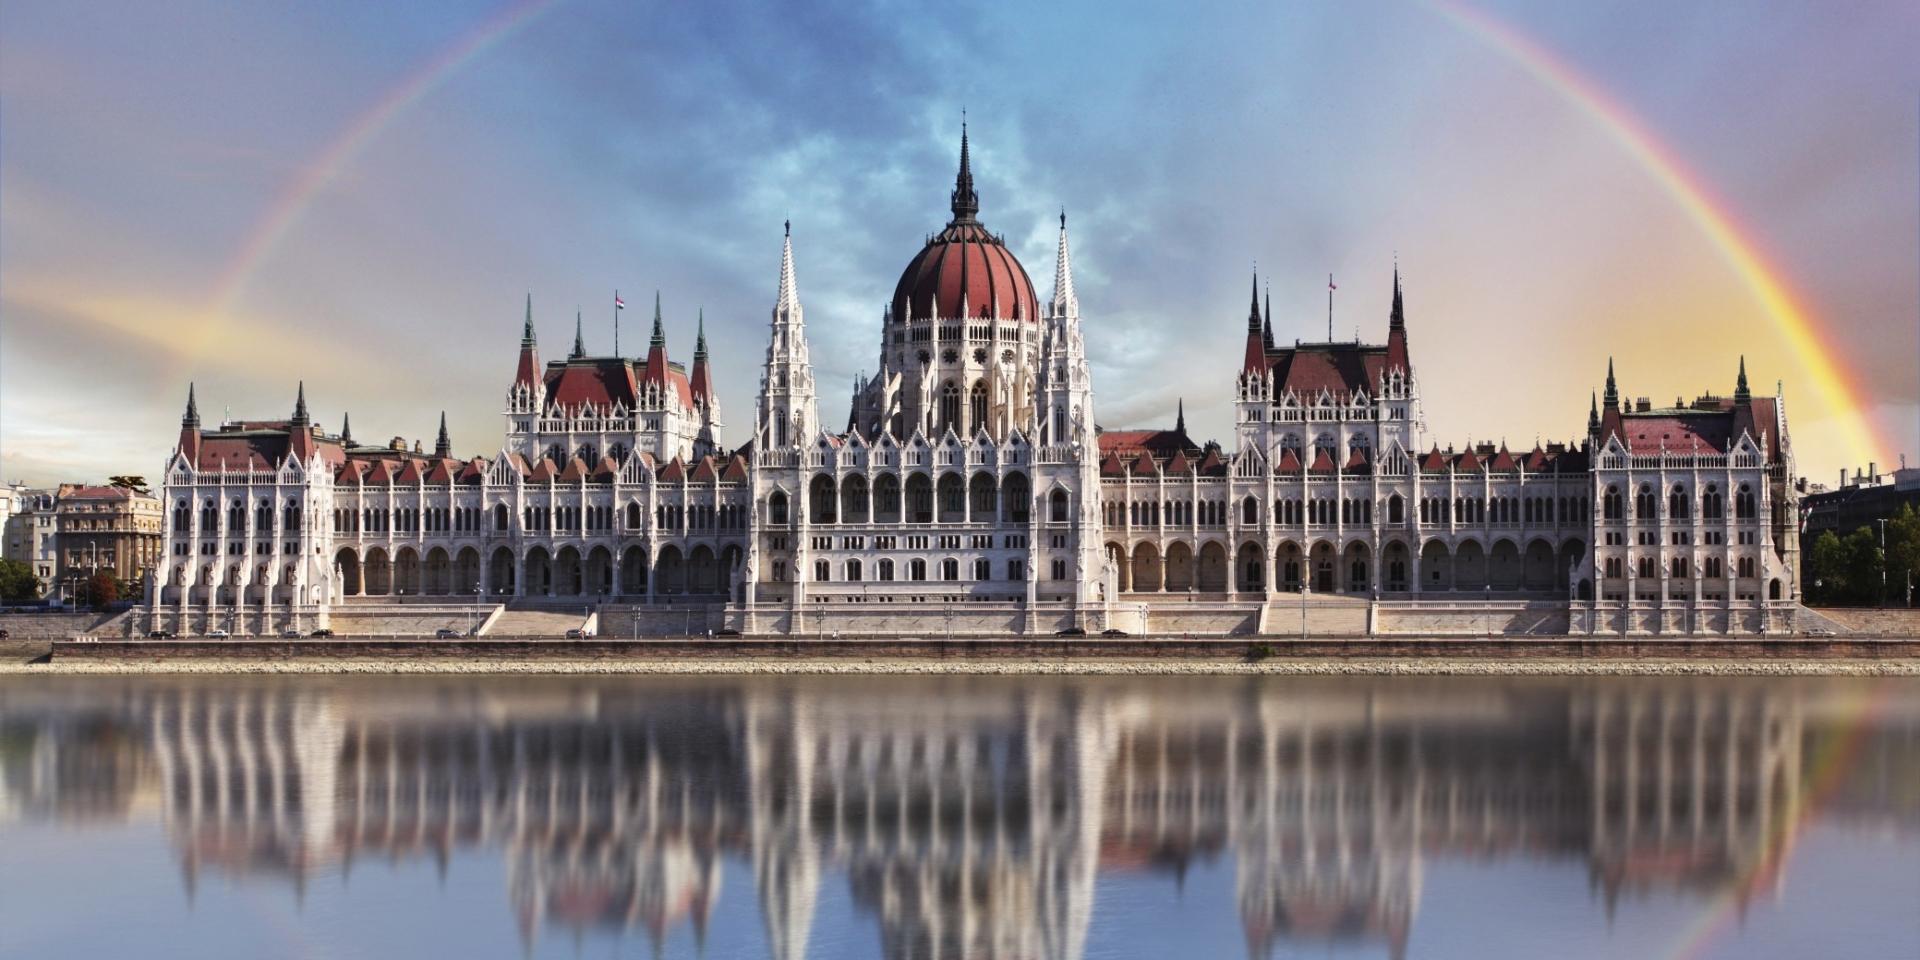 туры в будапешт на выходные жен: скрытая камера